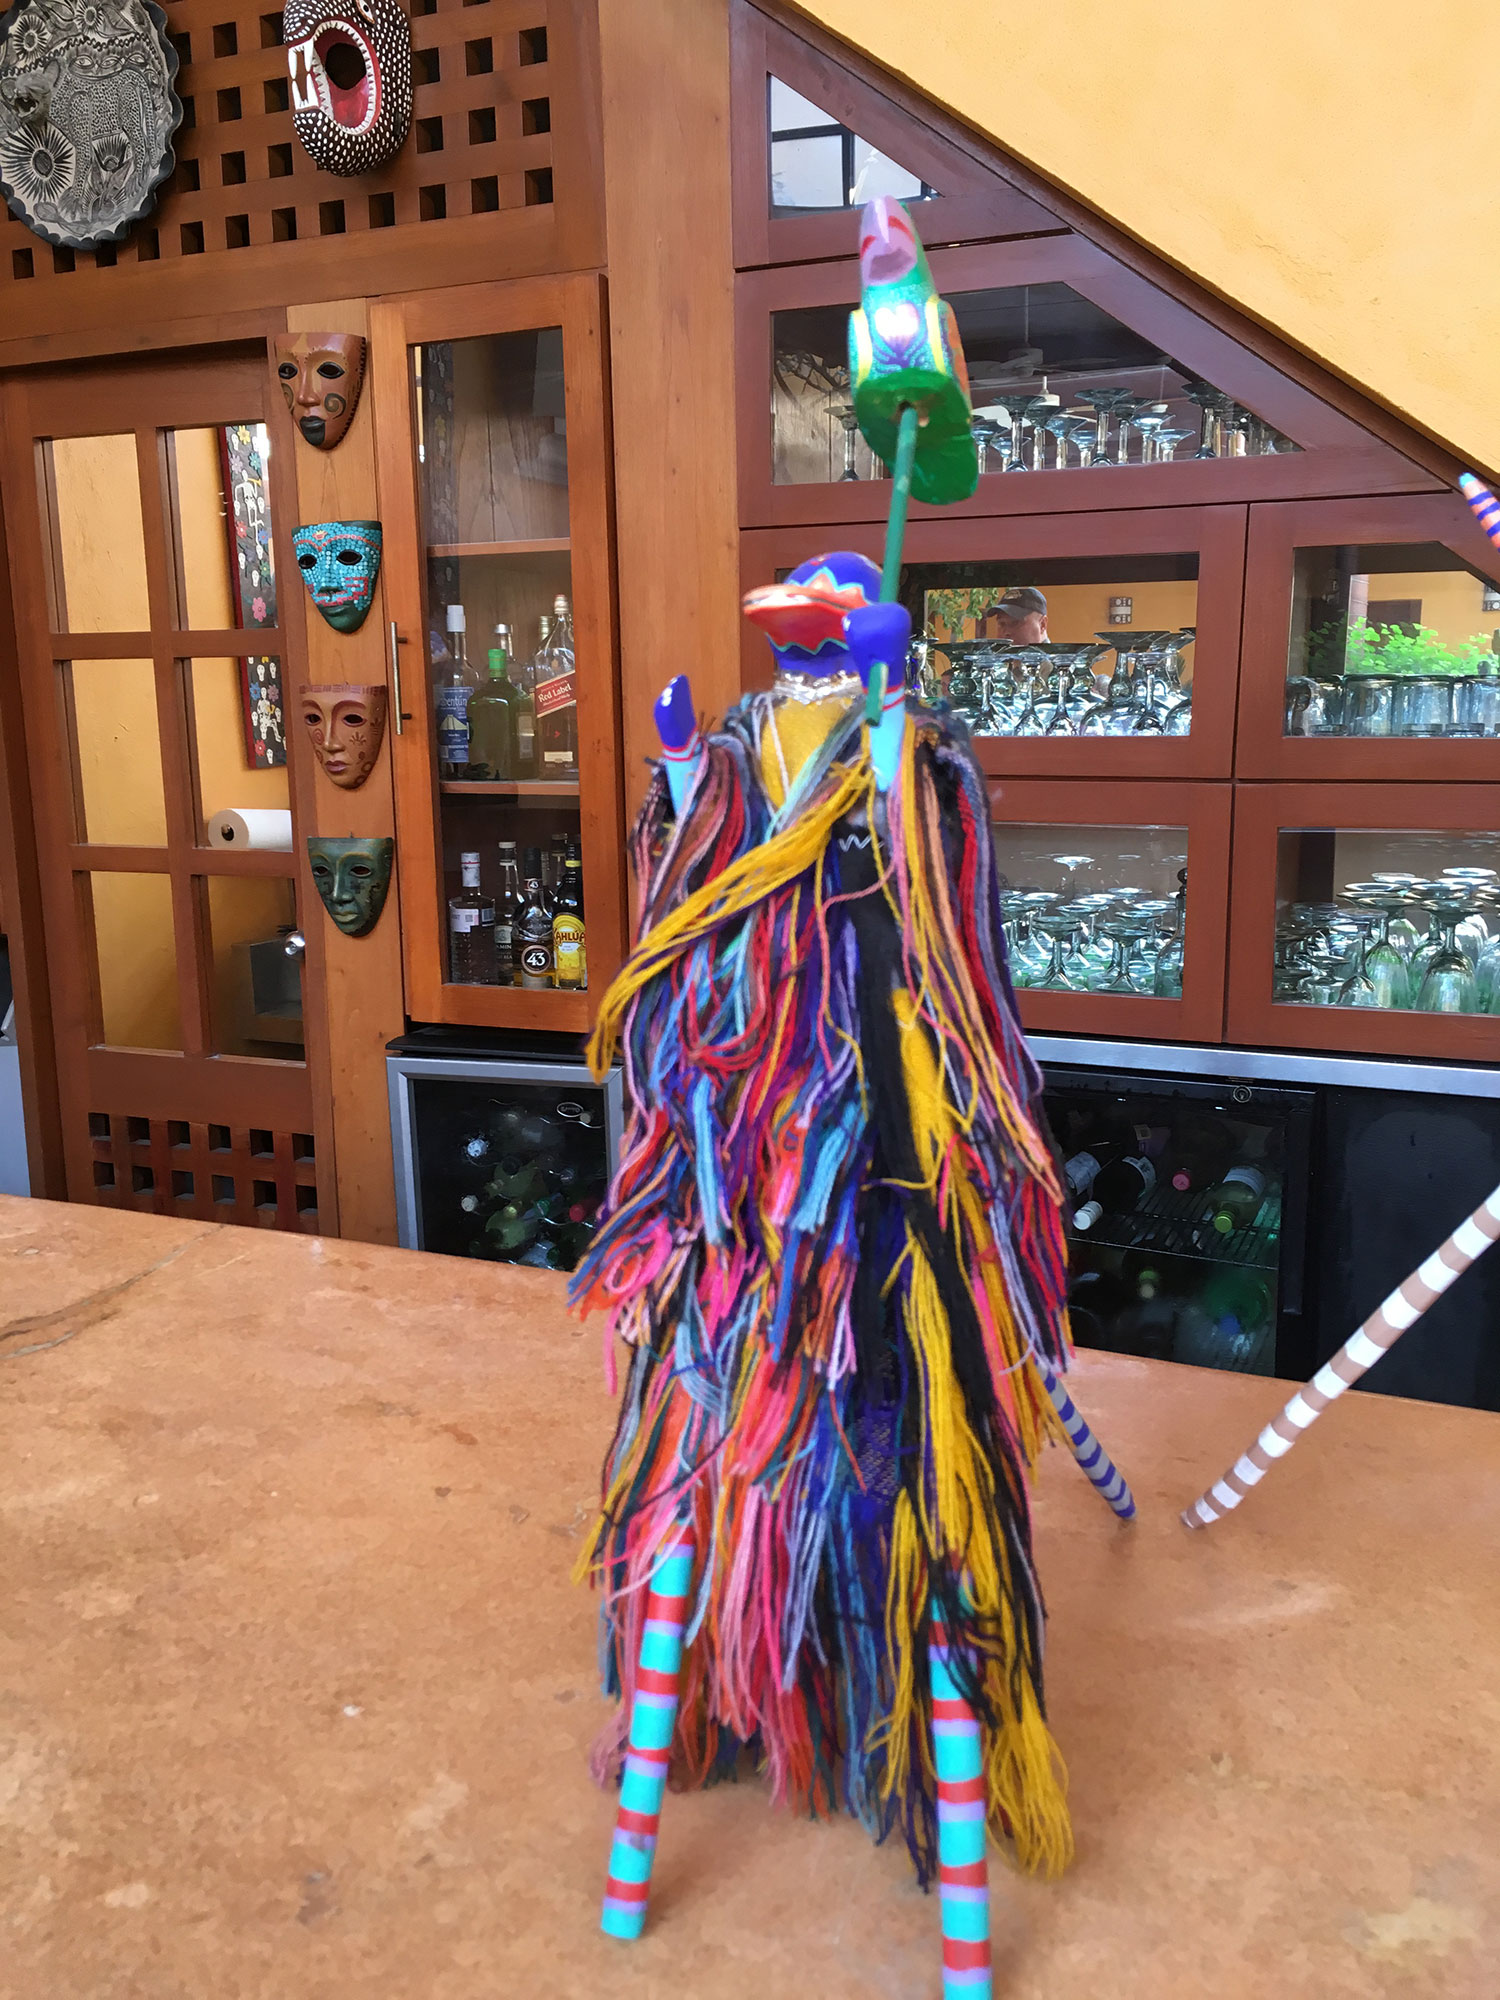 Hammocks_and_Ruins_What_to_Do_Mexico_Mayan_pyramid_museum_Valladolid_Casa_de_los_Venados_8.jpg